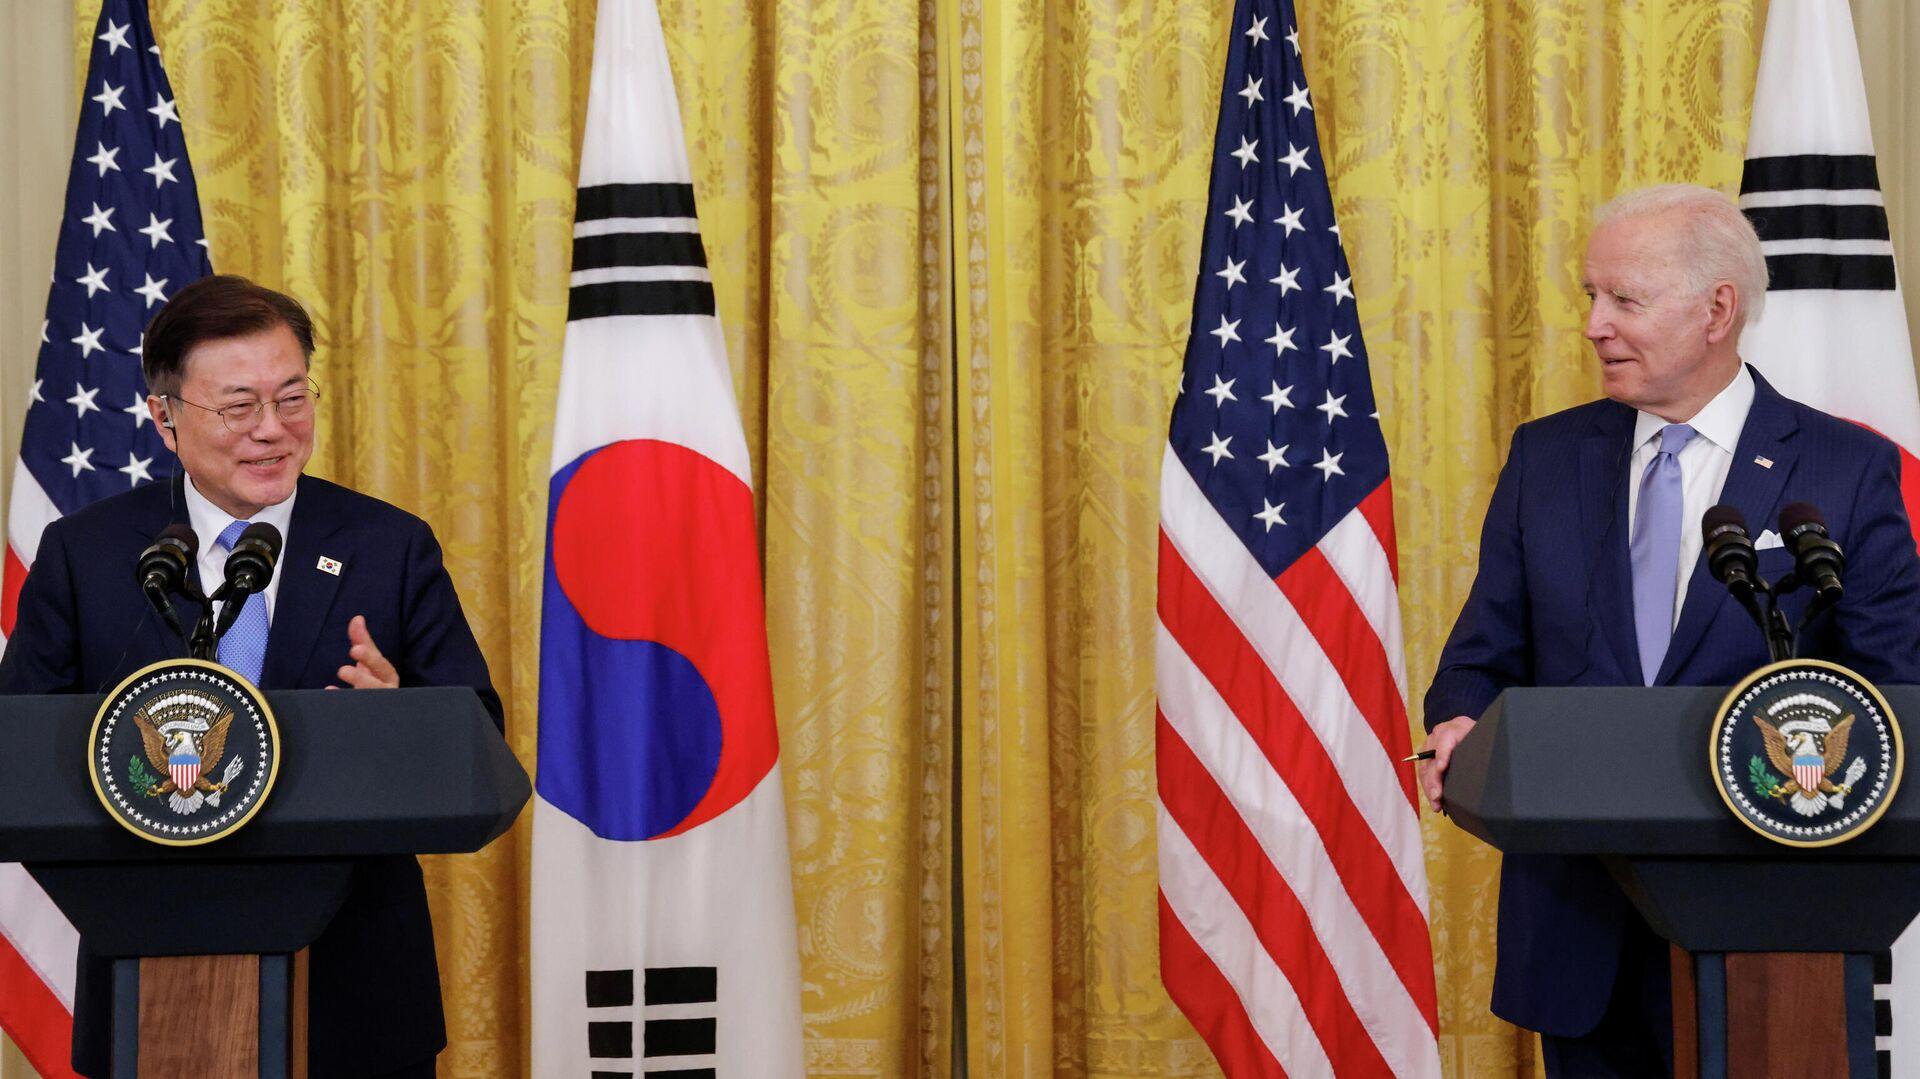 La cumbre de los presidentes de Corea del Sur y Estados Unidos, Moon Jae-in y Joe Biden - Sputnik Mundo, 1920, 24.05.2021